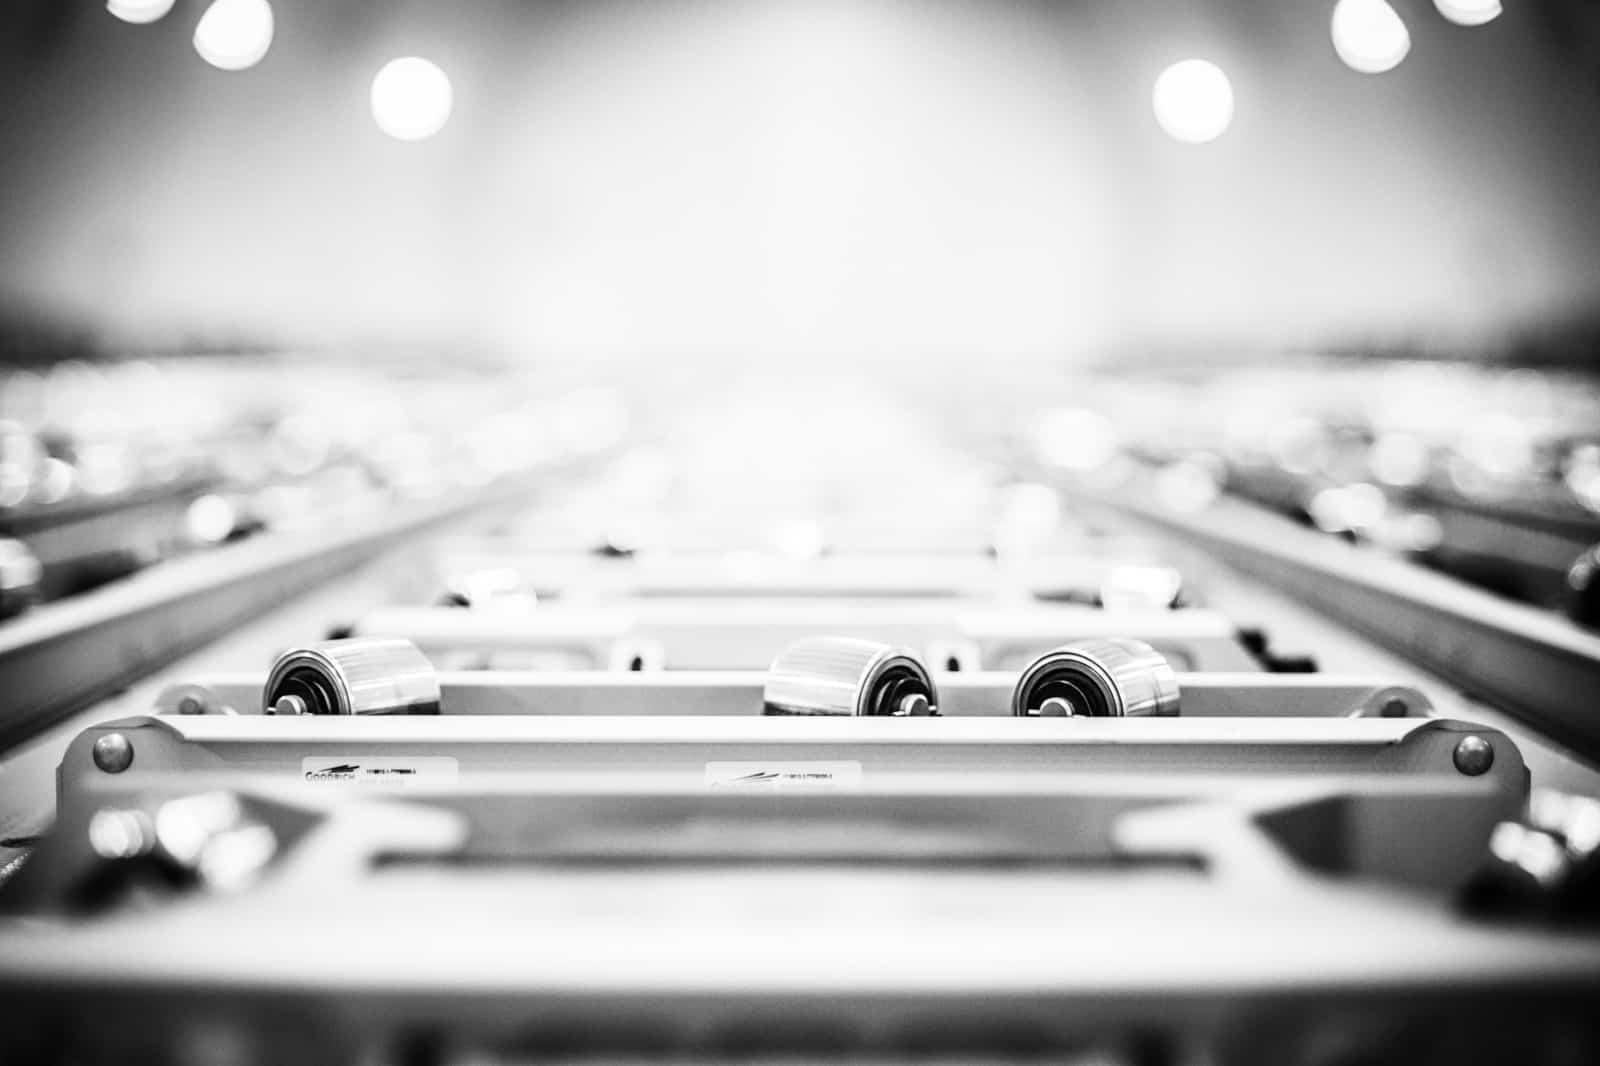 Foto vom Laderaum einer Boeing